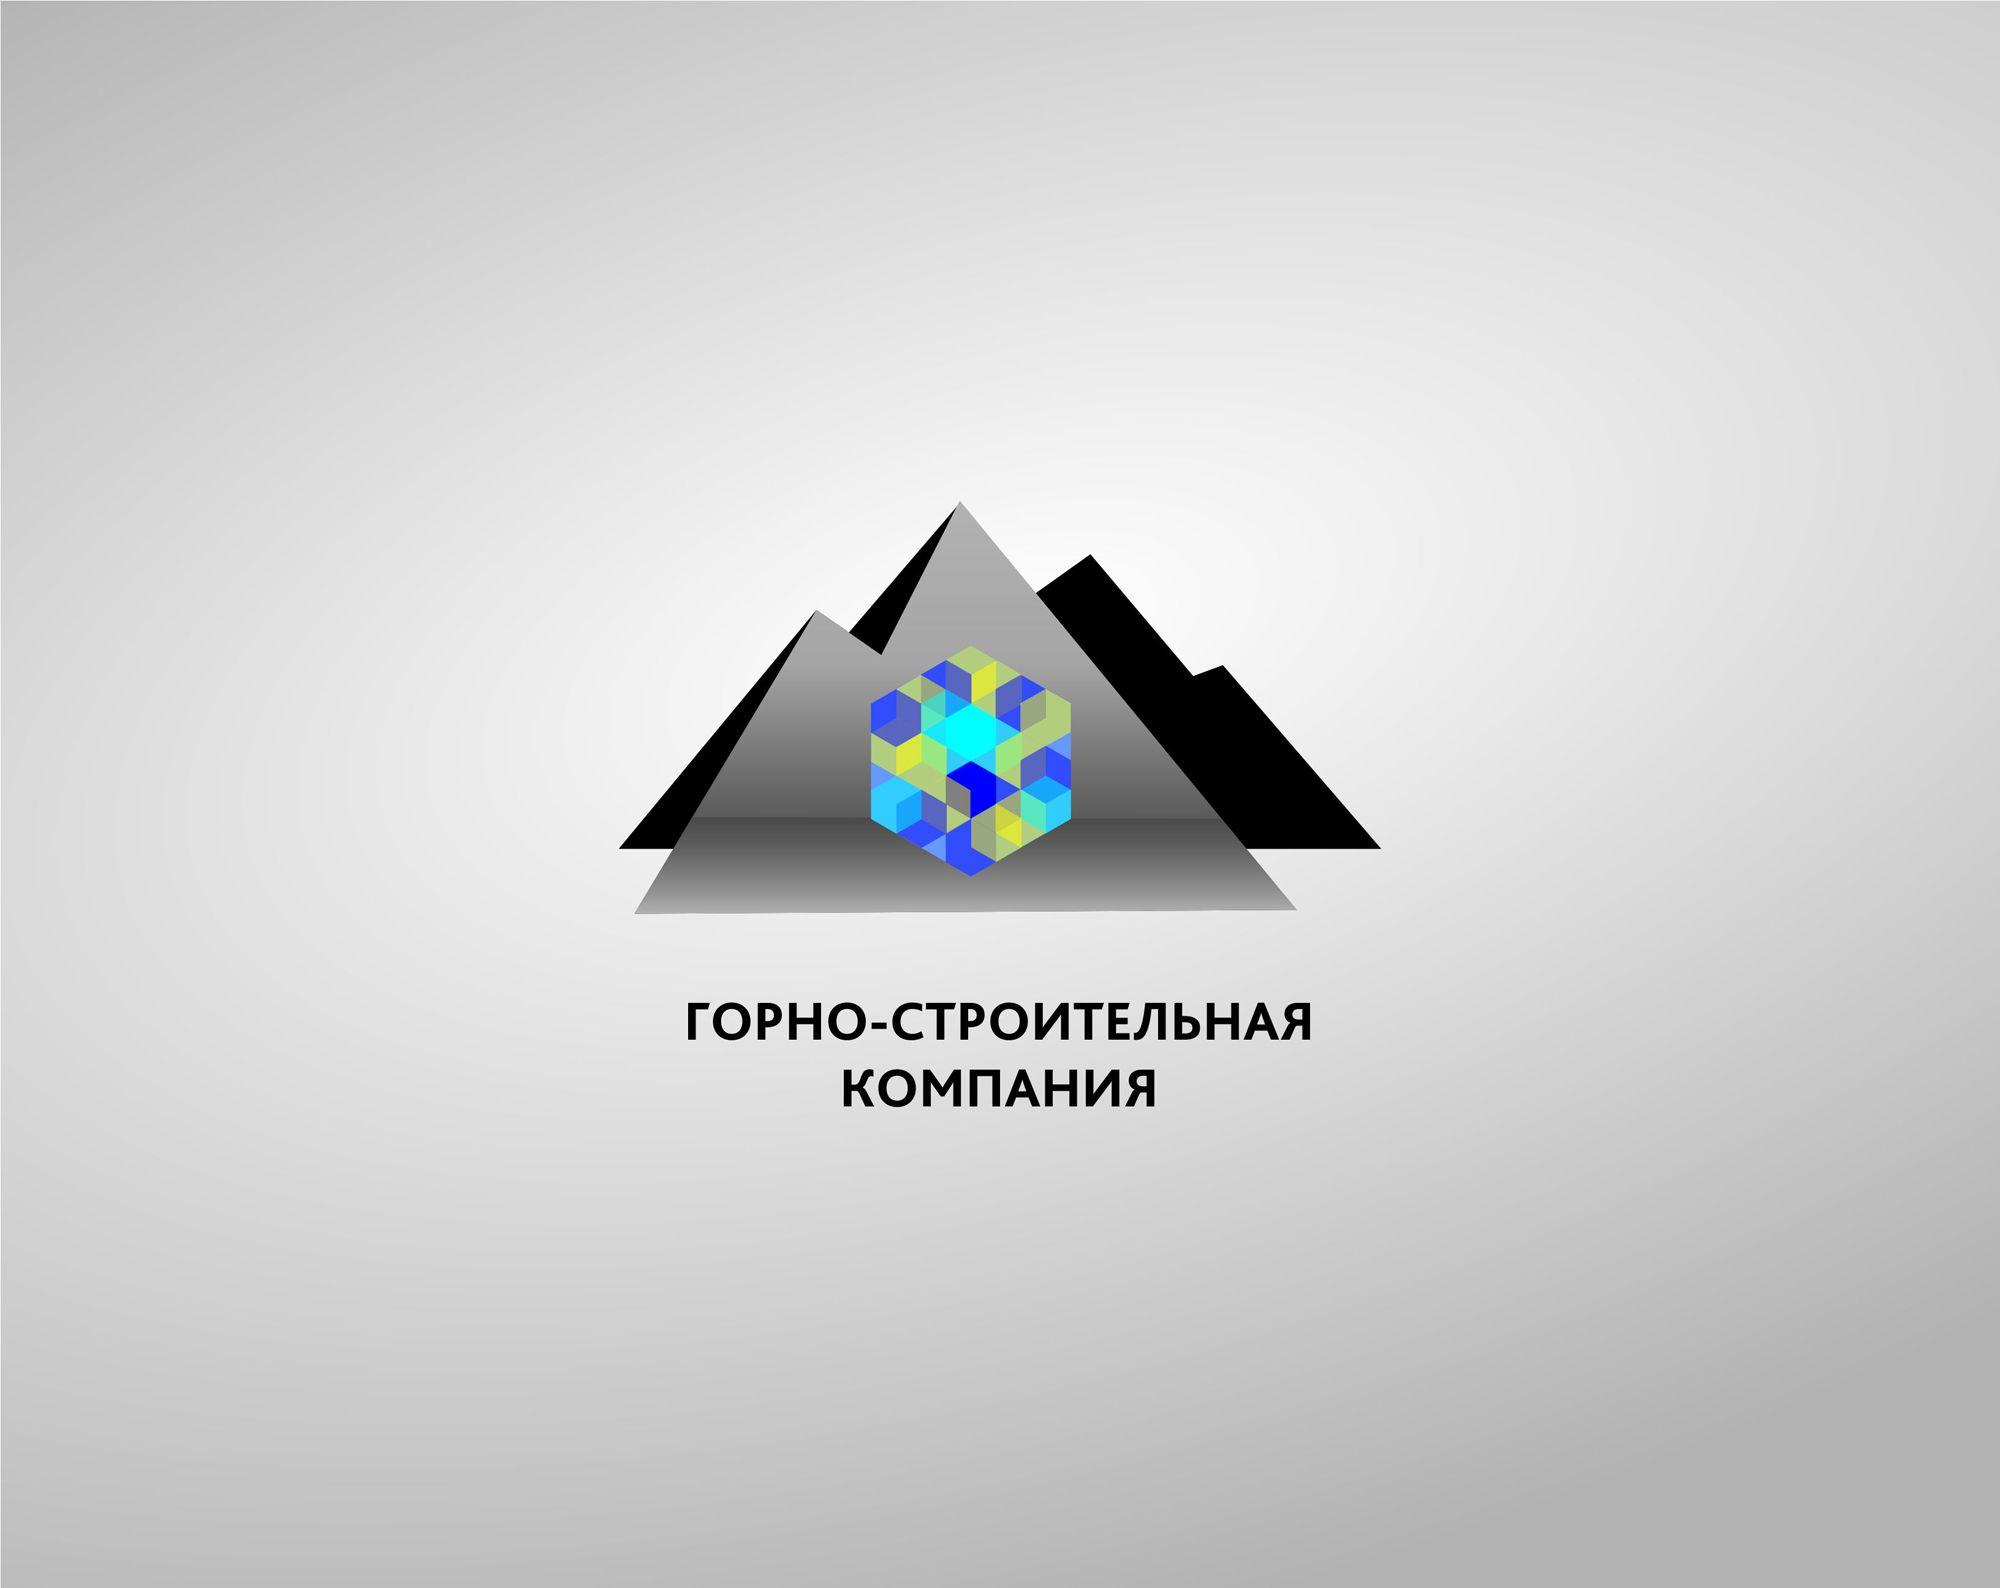 Логотип для Горно-Строительной Компании - дизайнер yula